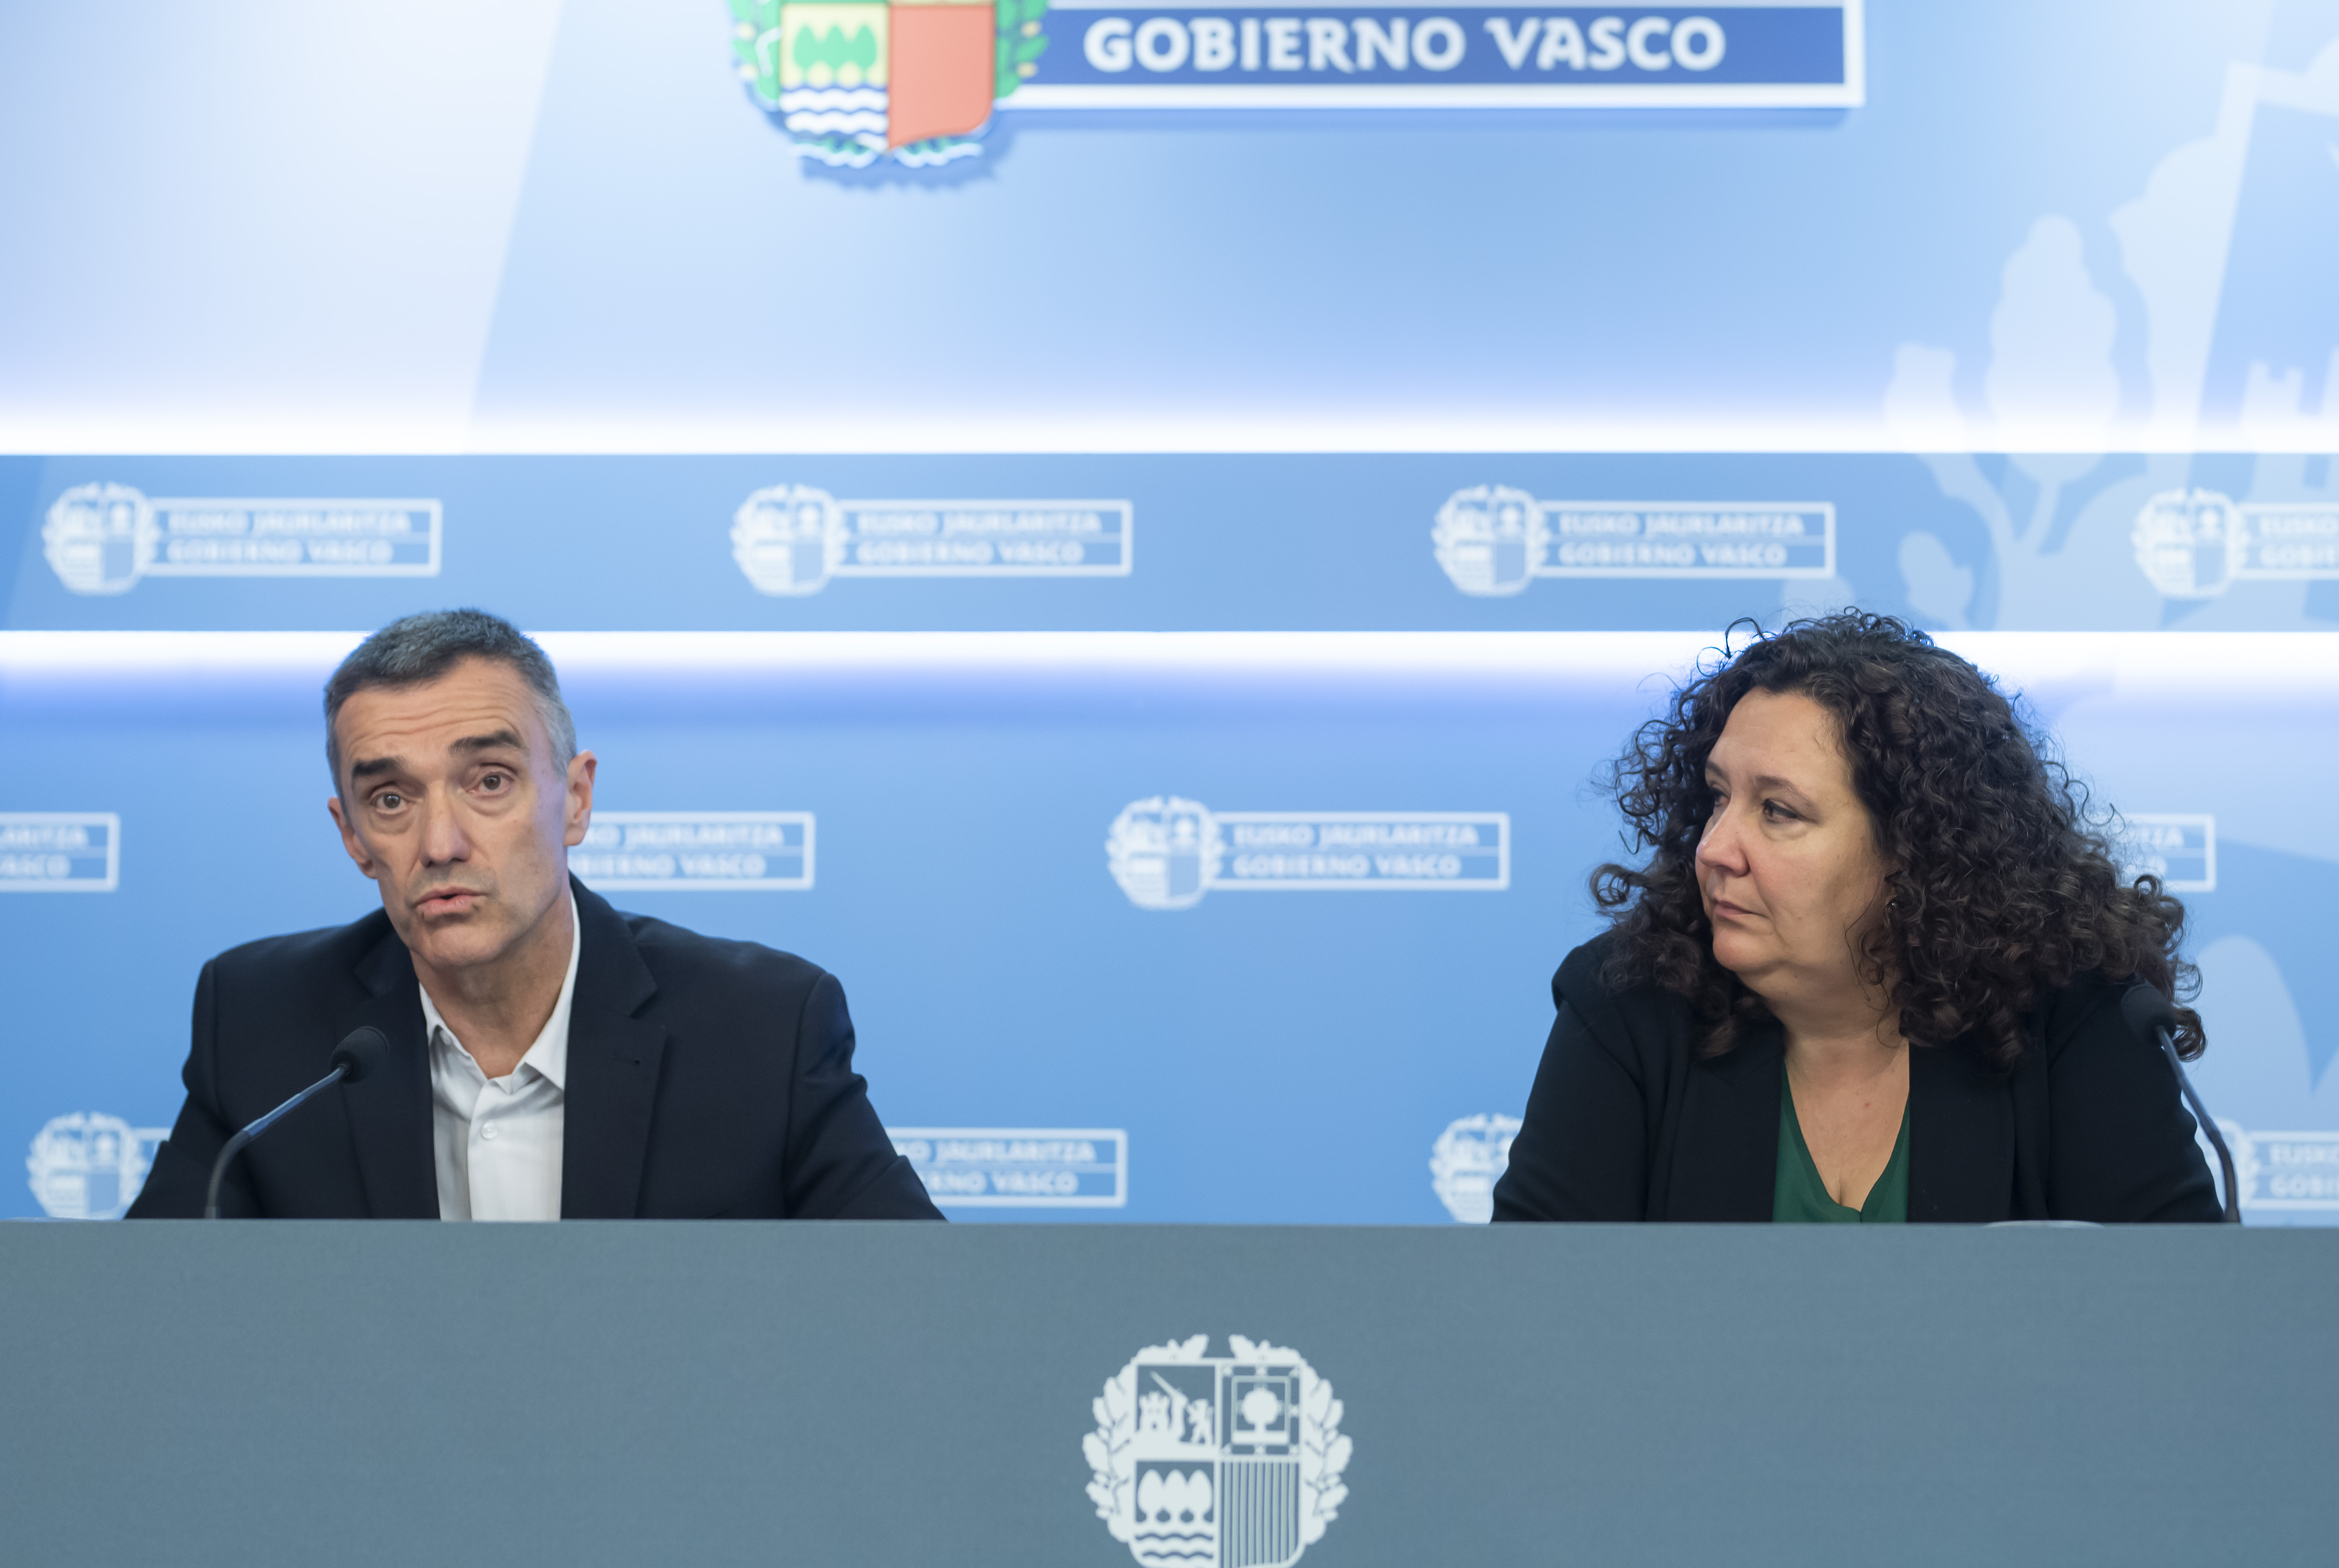 El Gobierno Vasco pide una reacción urgente a la UE ante la crisis humanitaria que sufren las personas refugiadas en la frontera entre Turquía y Grecia [16:27]